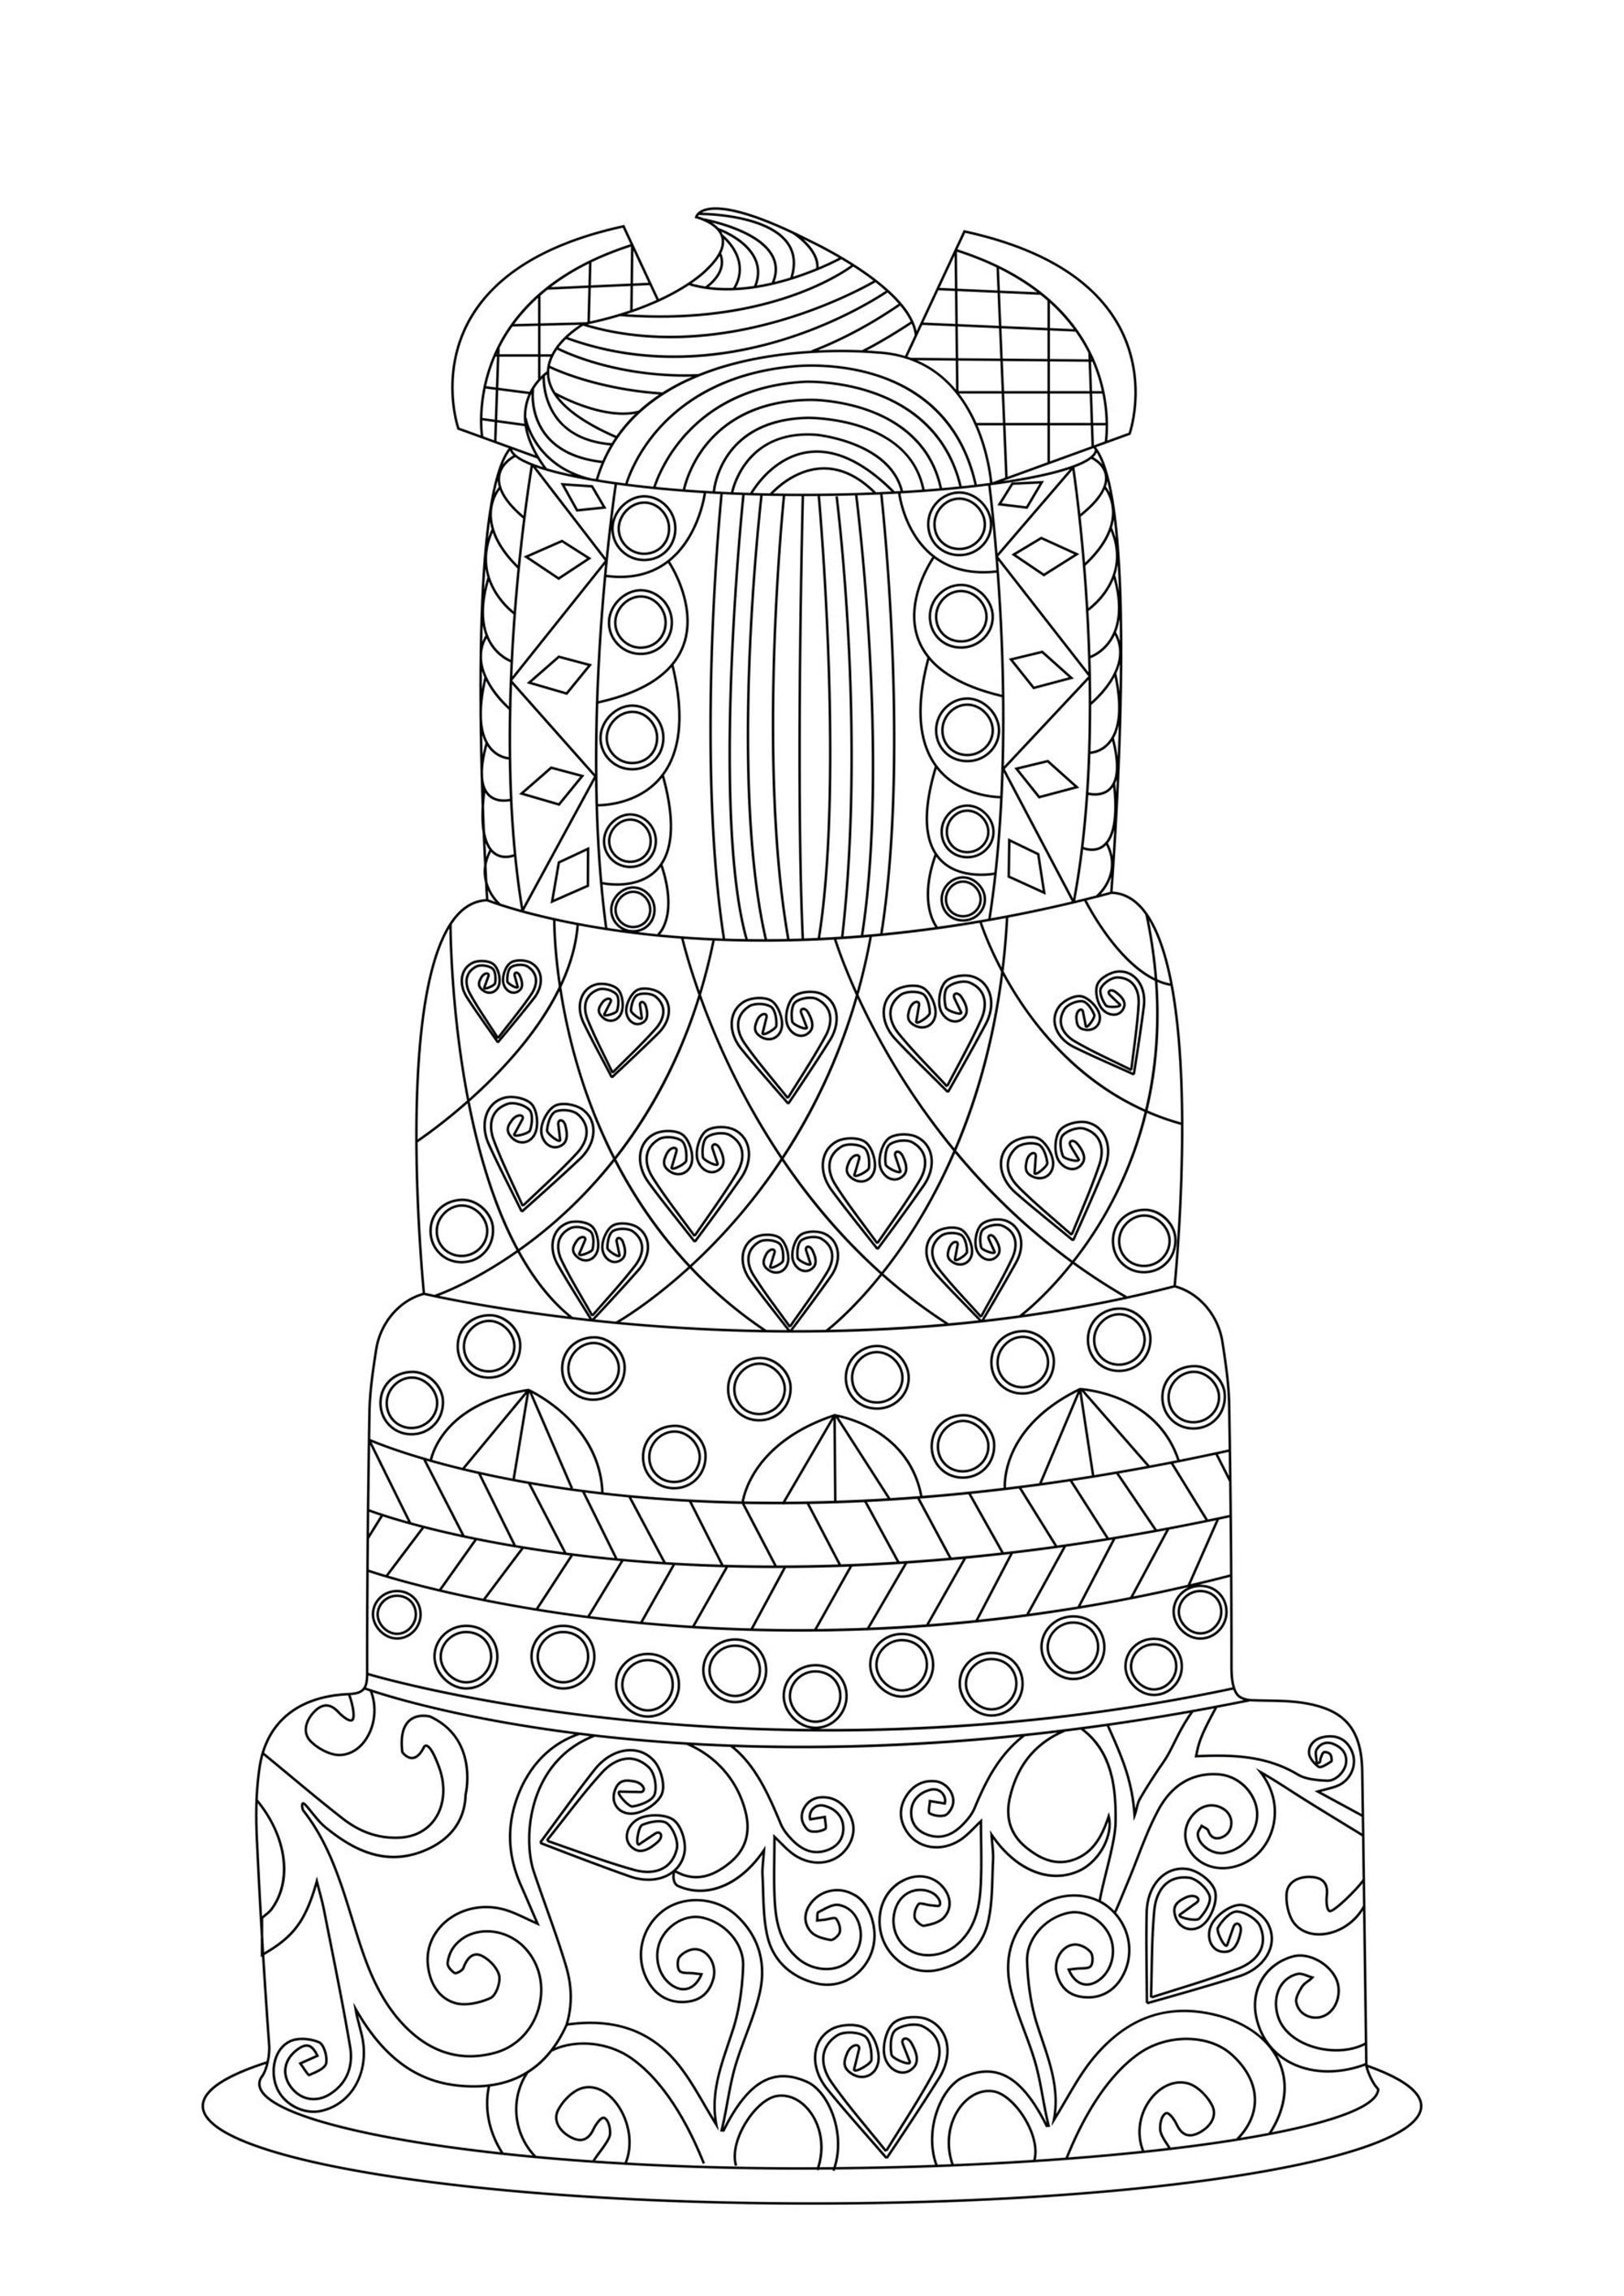 Disegni da Colorare per Adulti : Cup Cakes - 2